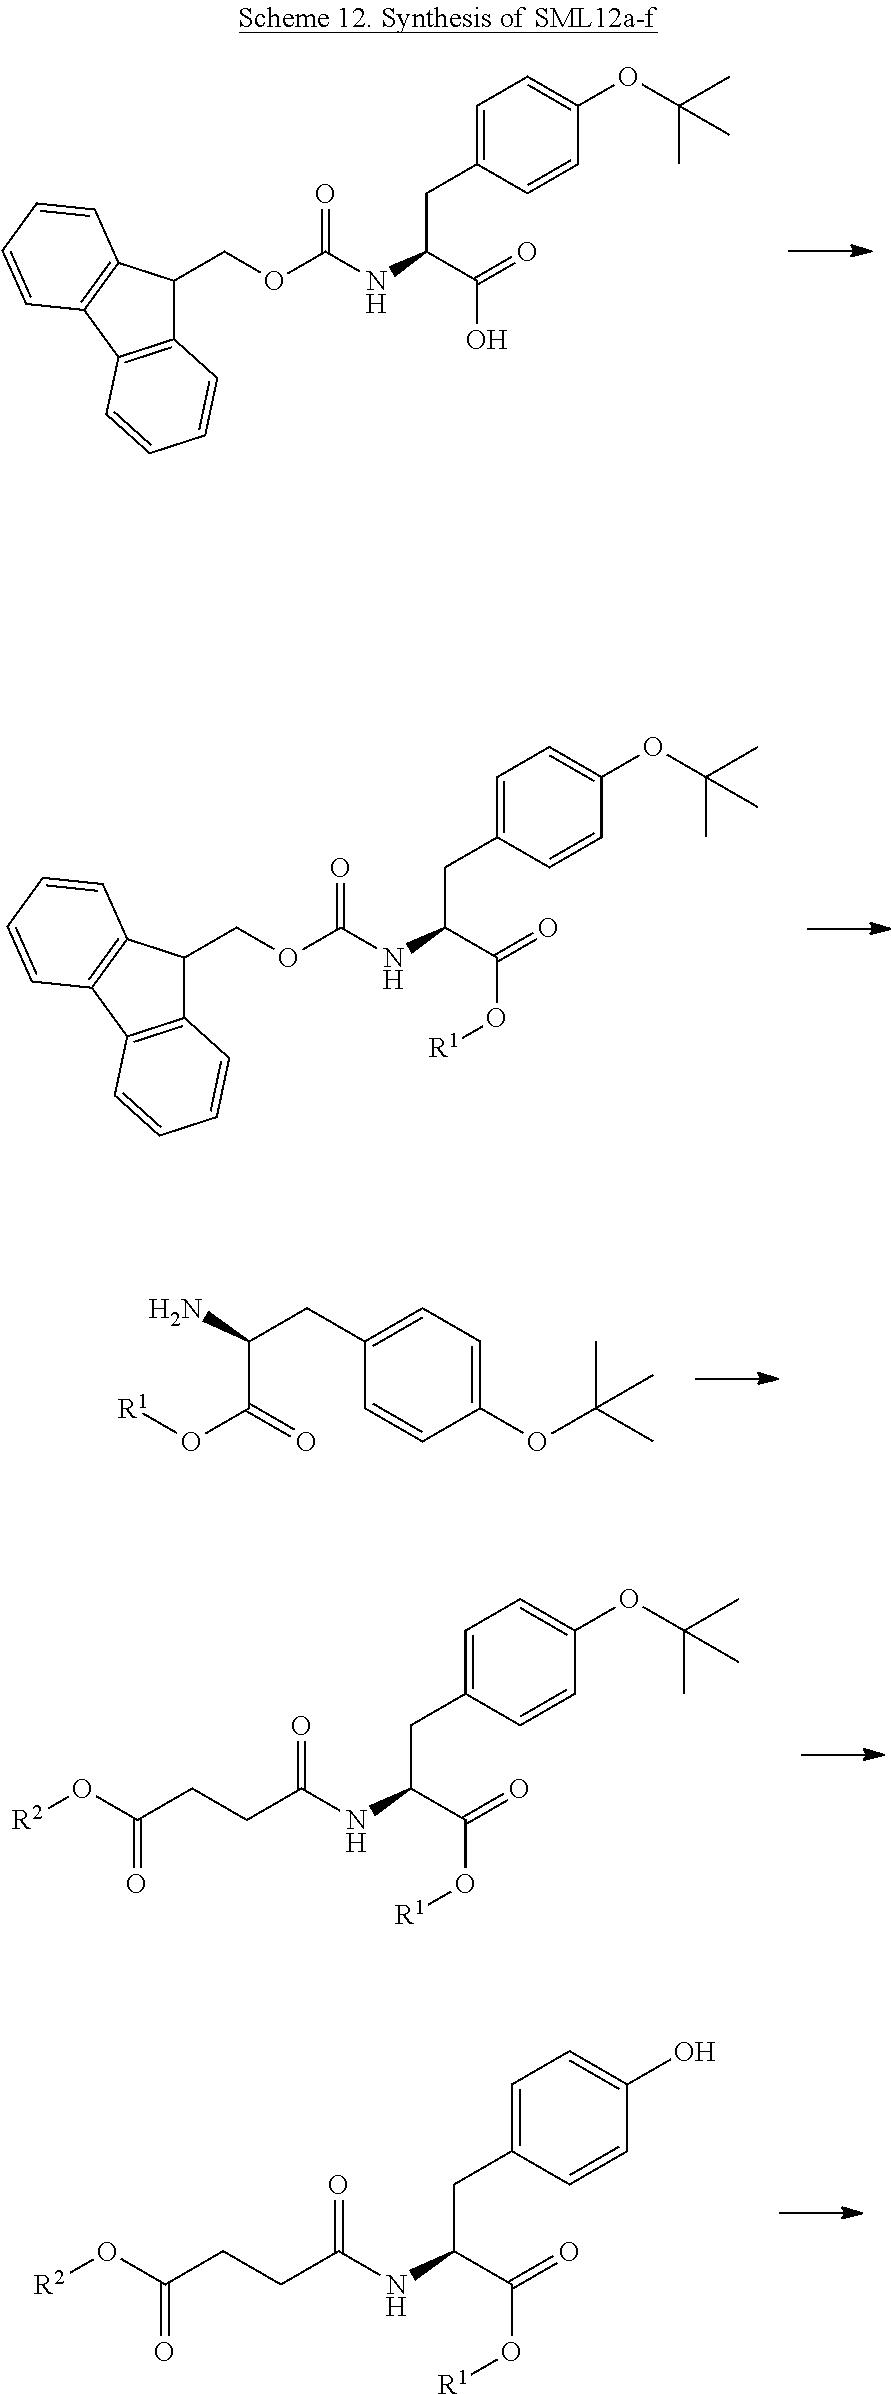 Figure US20110177156A1-20110721-C00060